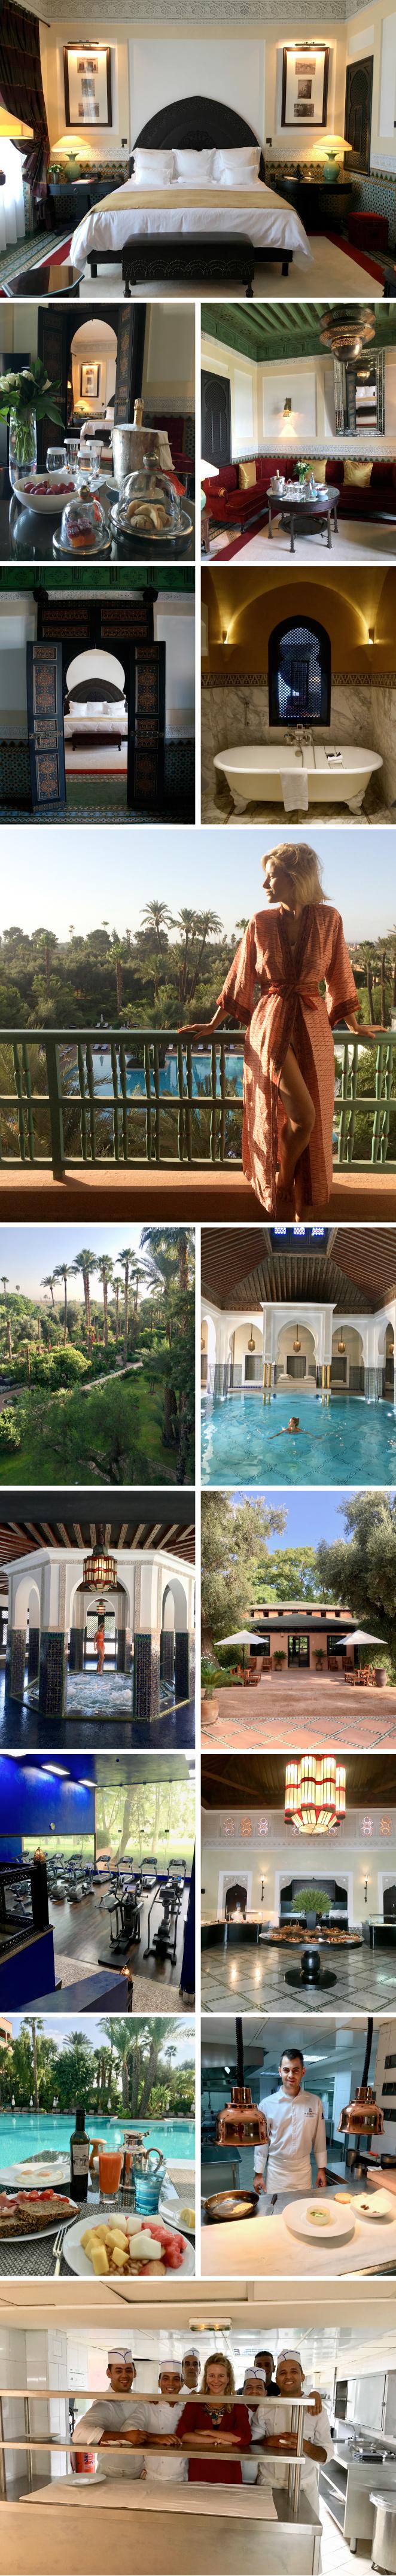 Nada más llegar te reciben con la bienvenida tradicional de Marruecos: leche de almendra con agua de azahar y dátiles. Enseguida te acompañan a tu habitación, una suite con terraza con vistas a los jardines. Y de ahí hay que conocer los mil y un detalles del hotel: tres riads con piscina y patios, cinco bares, cuatro restaurantes (marroquí, francés, italiano y uno más en el que se disfruta de un magnífico brunch dominical), un gimnasio rodeado por naranjos y palmeras, piscina interior climatizada con ozono y dos hammams tradicionales, entre otros servicios exclusivos.